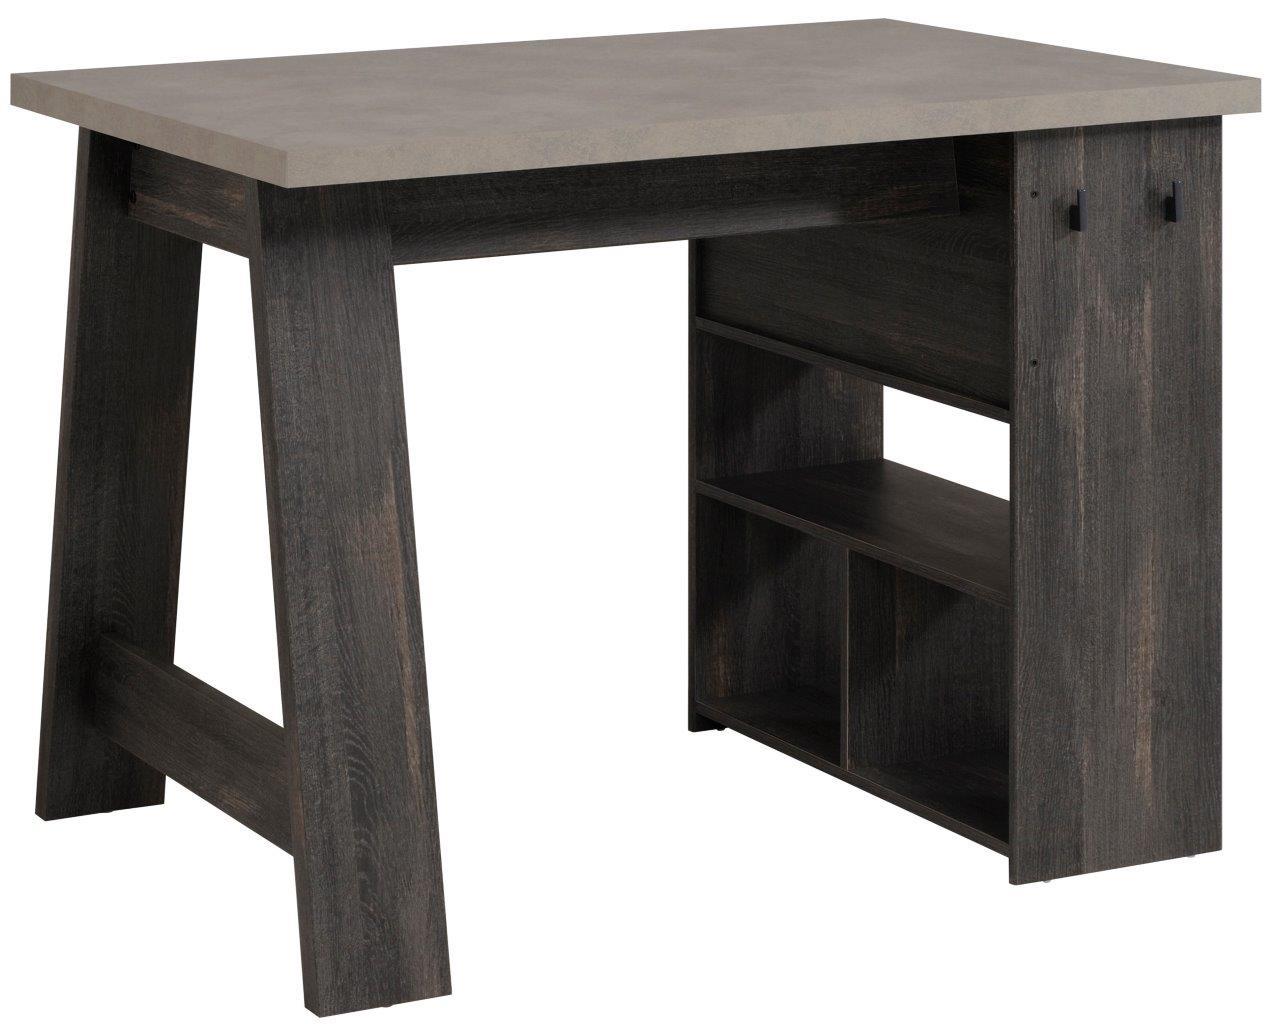 Τραπέζι Maxim ψηλό